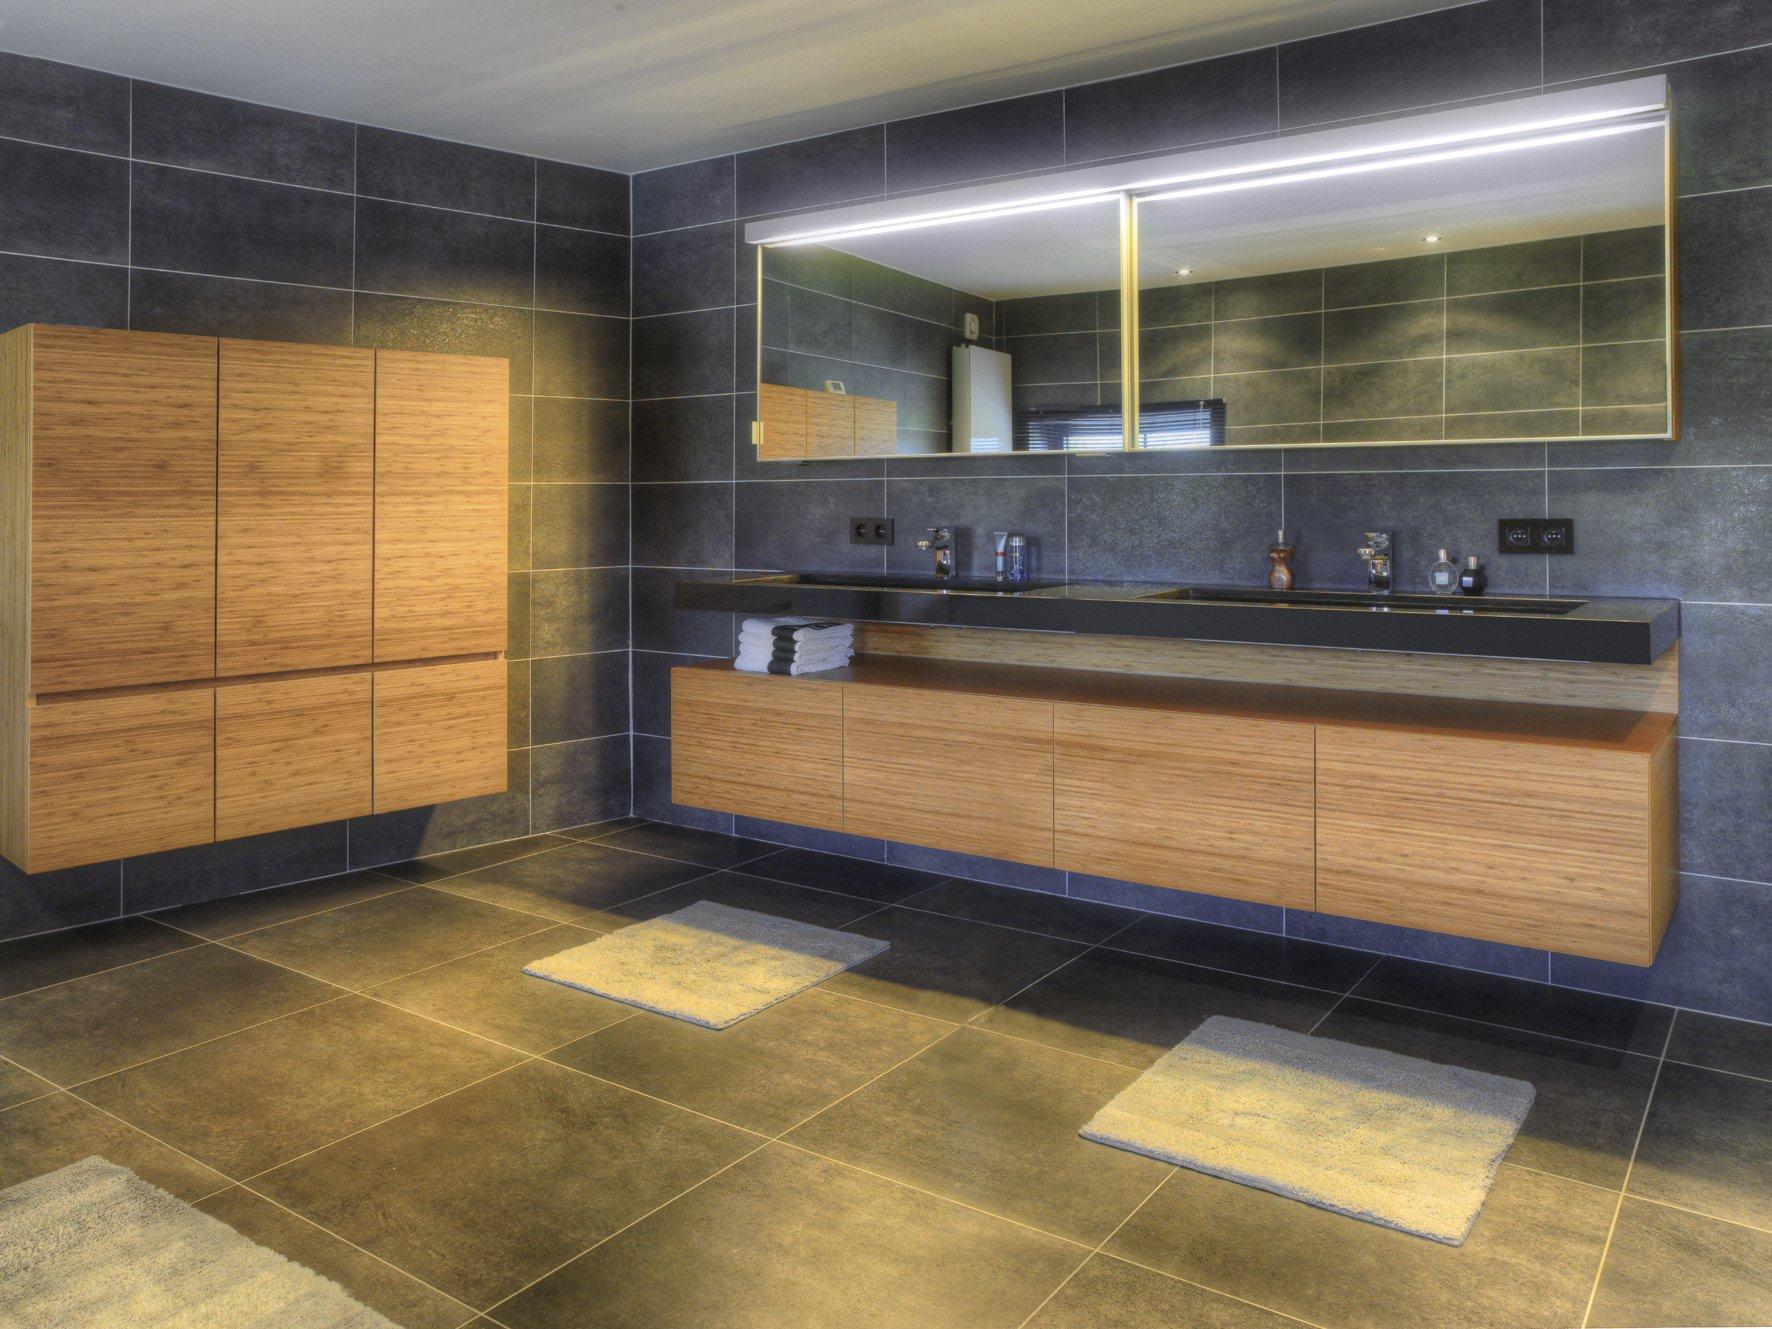 Assenti-badkamers-merk-Mijn-Bad-In-Stijl-badkamer-merken-7